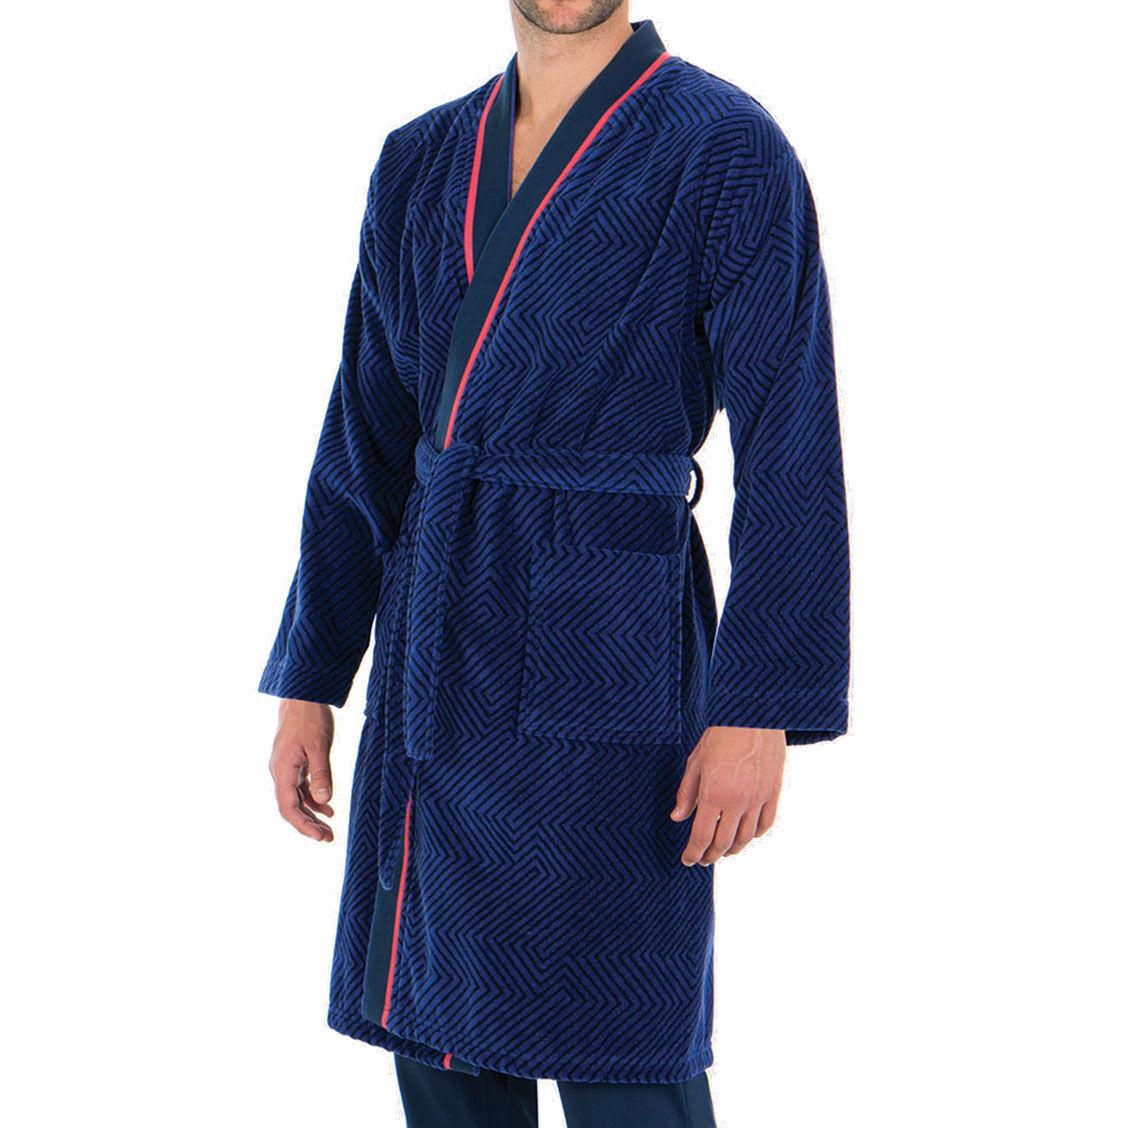 Eminence Robe de chambre Eminence Tailoring en coton bleu marine à chevrons bleu indigo - BLEU - L